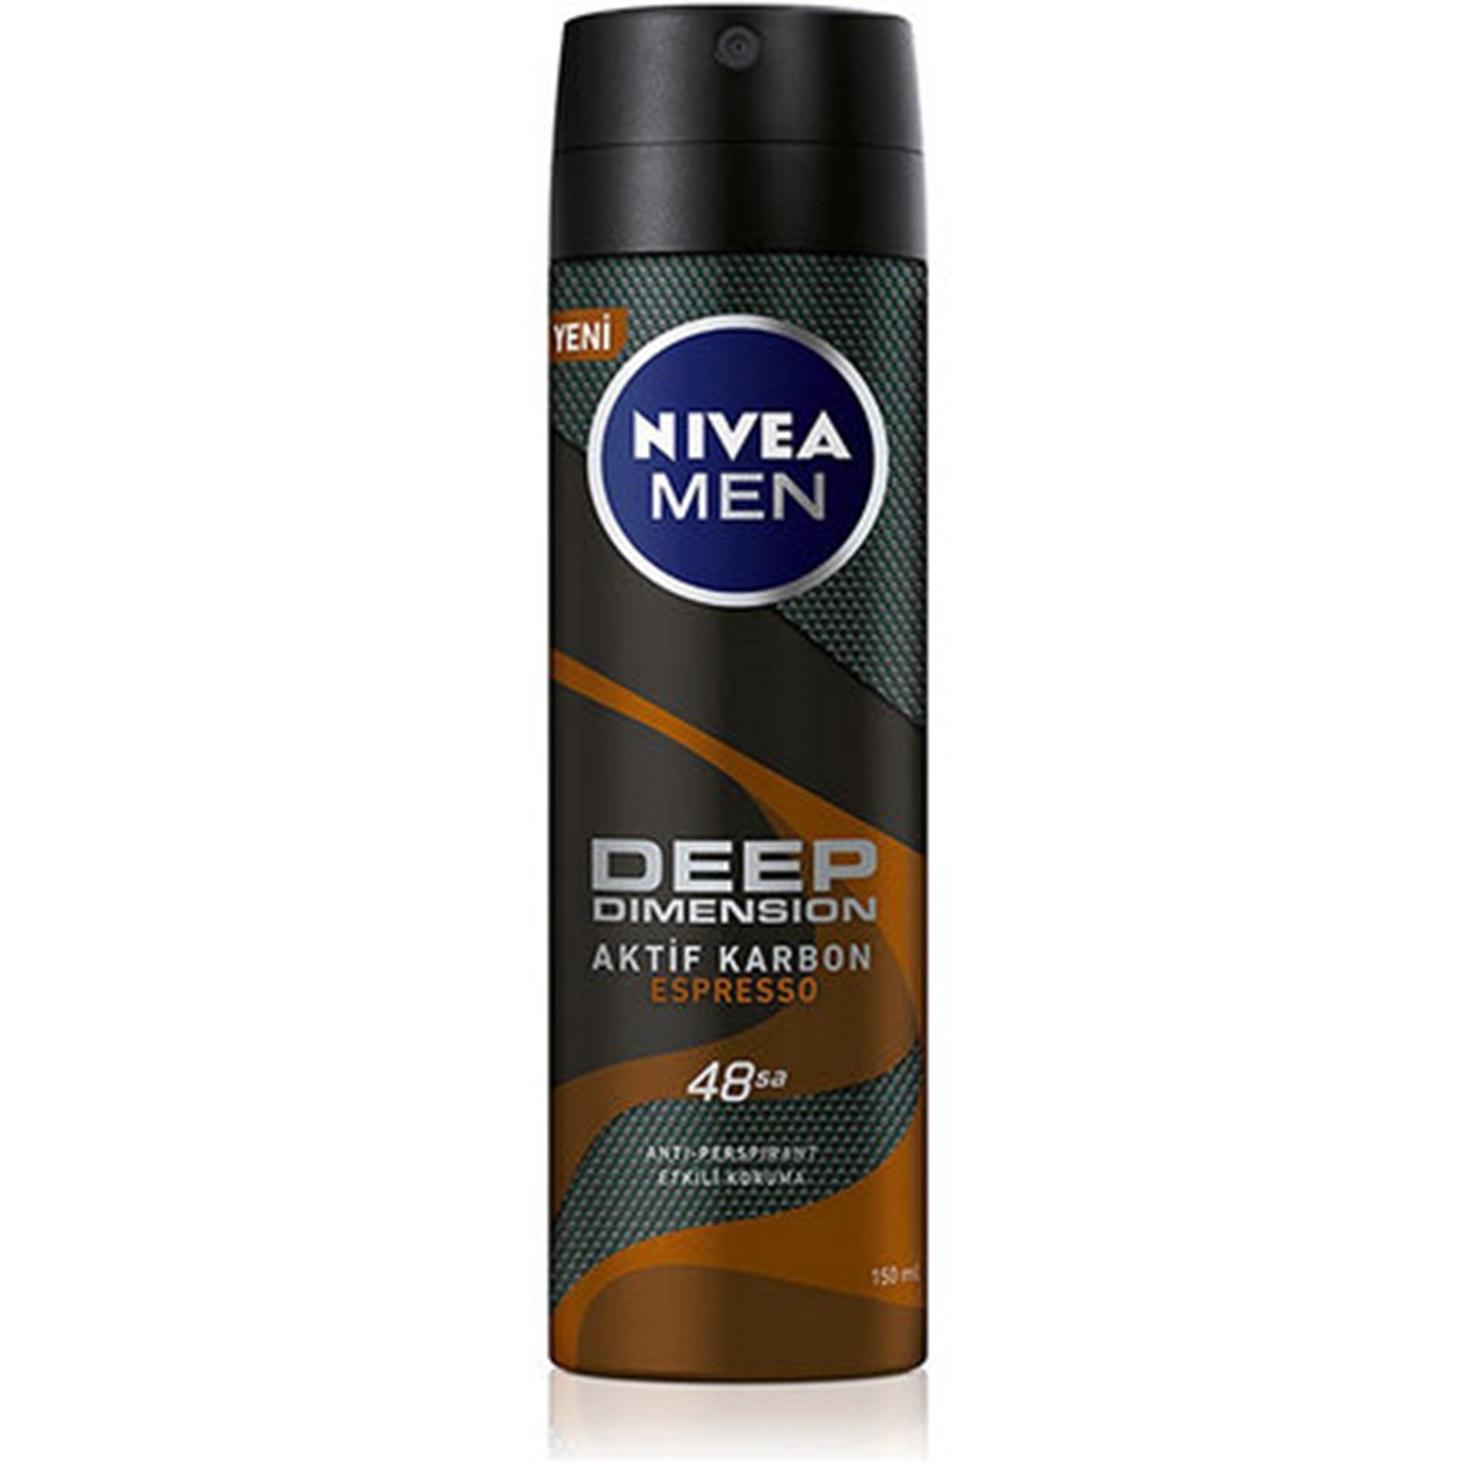 خرید                       اسپری ضد تعریق مردانه نیوآ سری deep مدل Espresso حجم 150 میلی لیتر